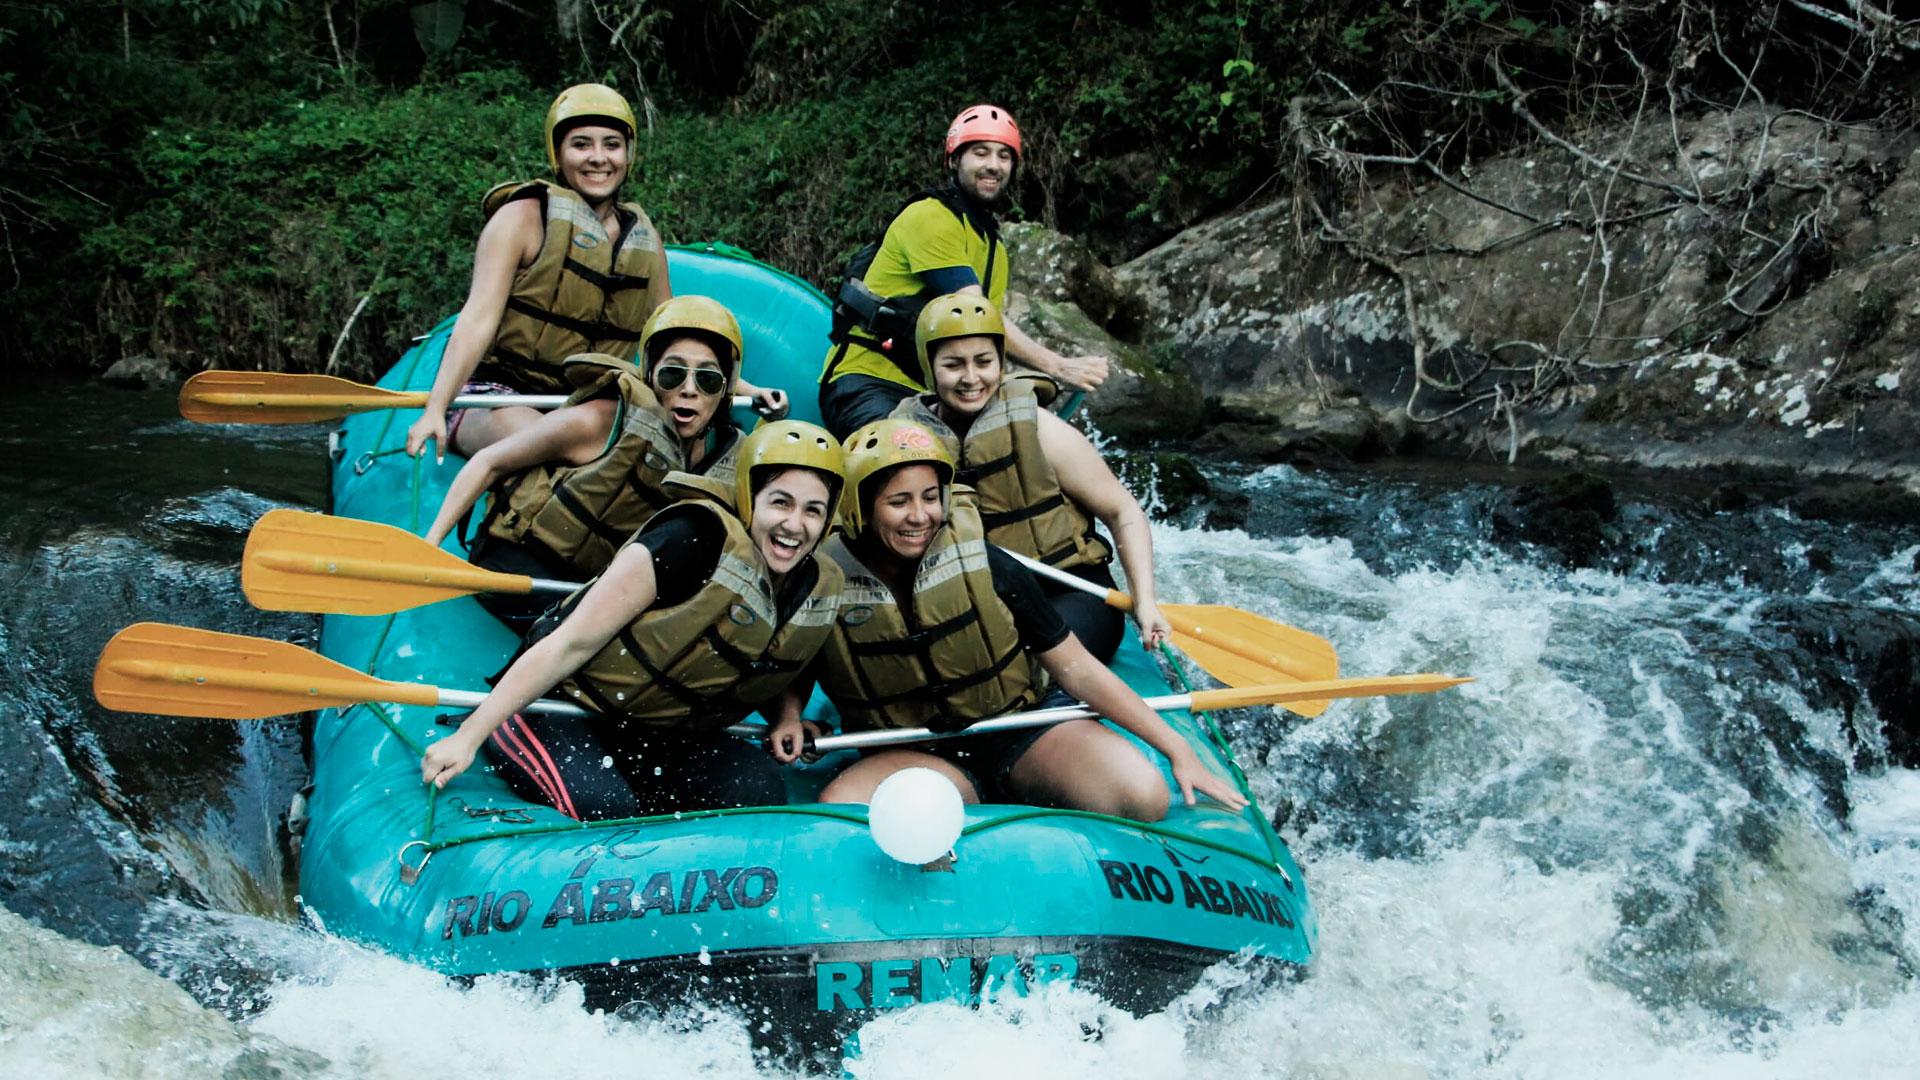 Grupo de pessoas praticando rafting no rio cachoeira, em antonina.